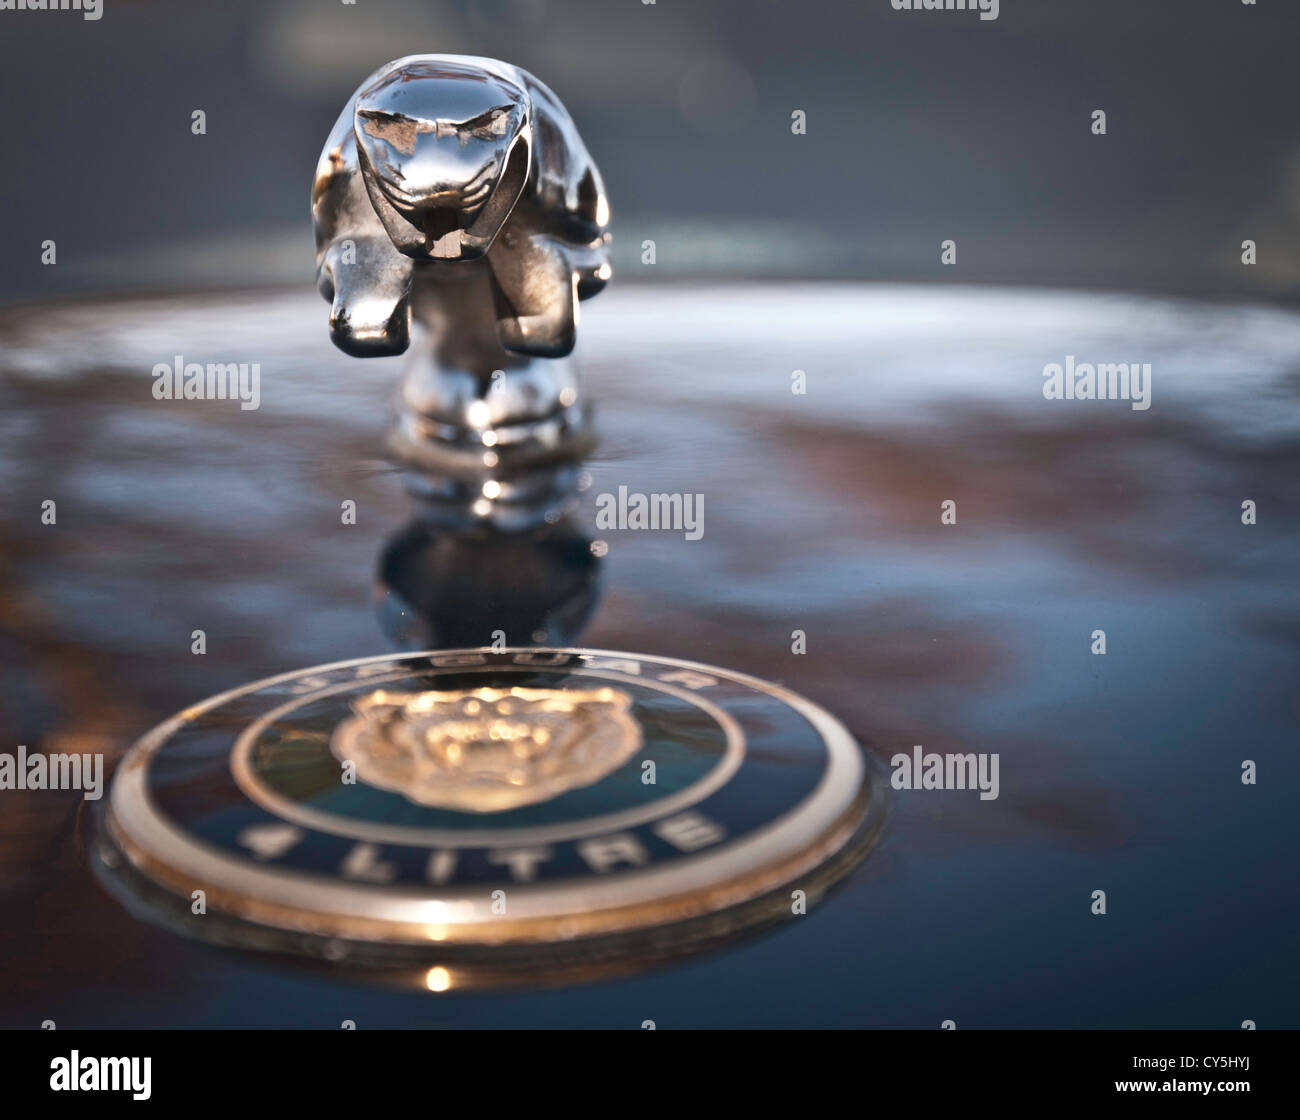 Jaguar Car Mascot Stock Photos Jaguar Car Mascot Stock Images Alamy